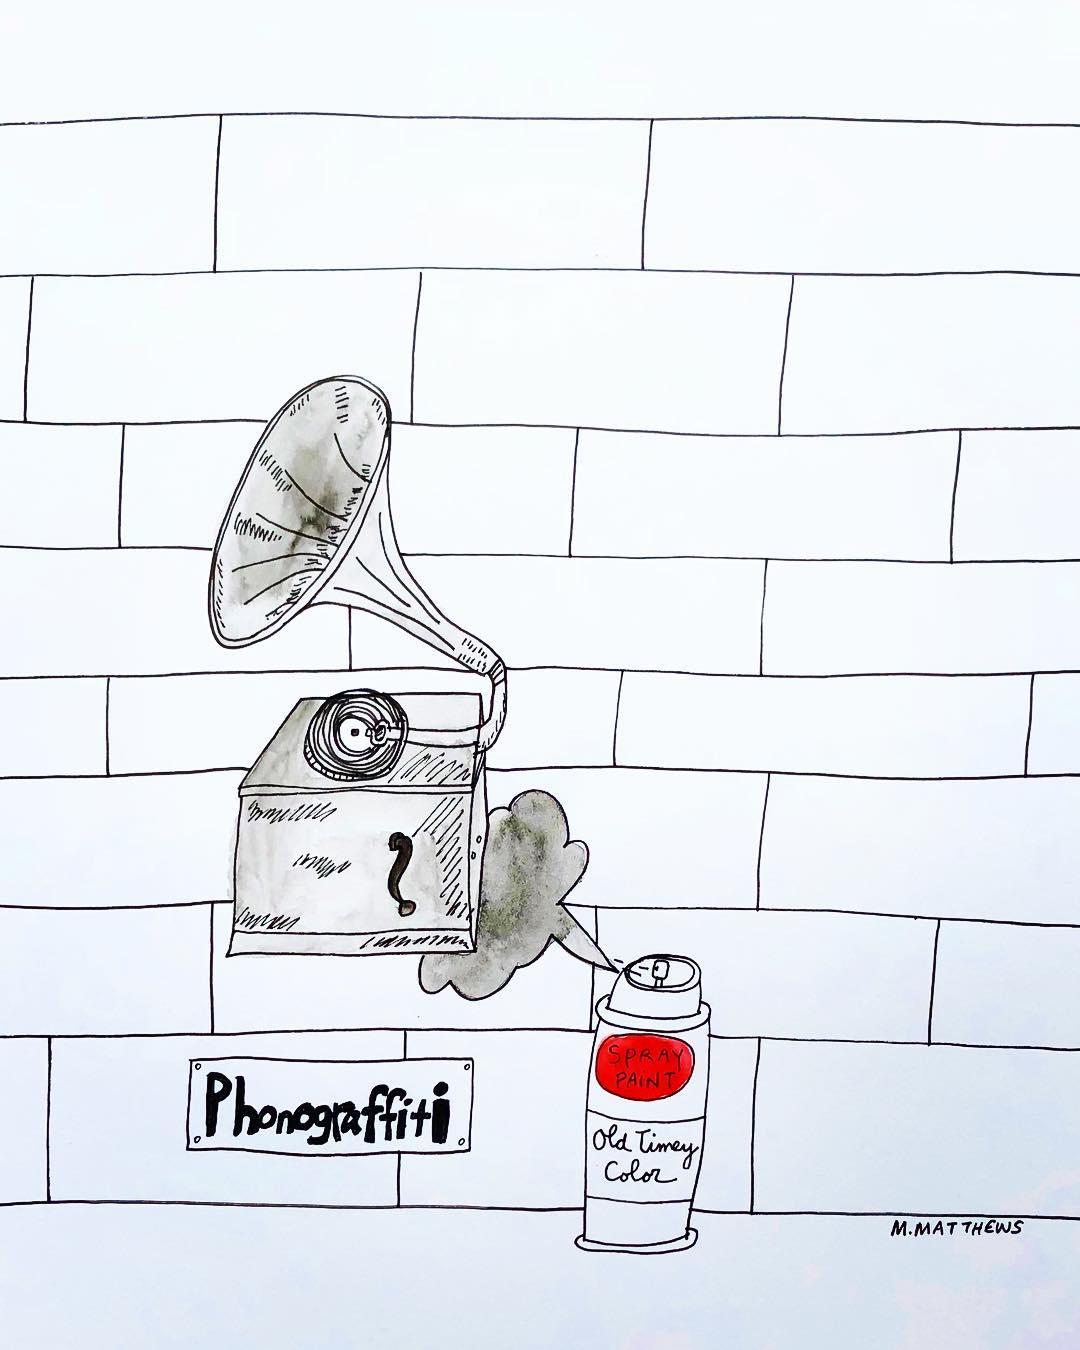 Phonograffiti